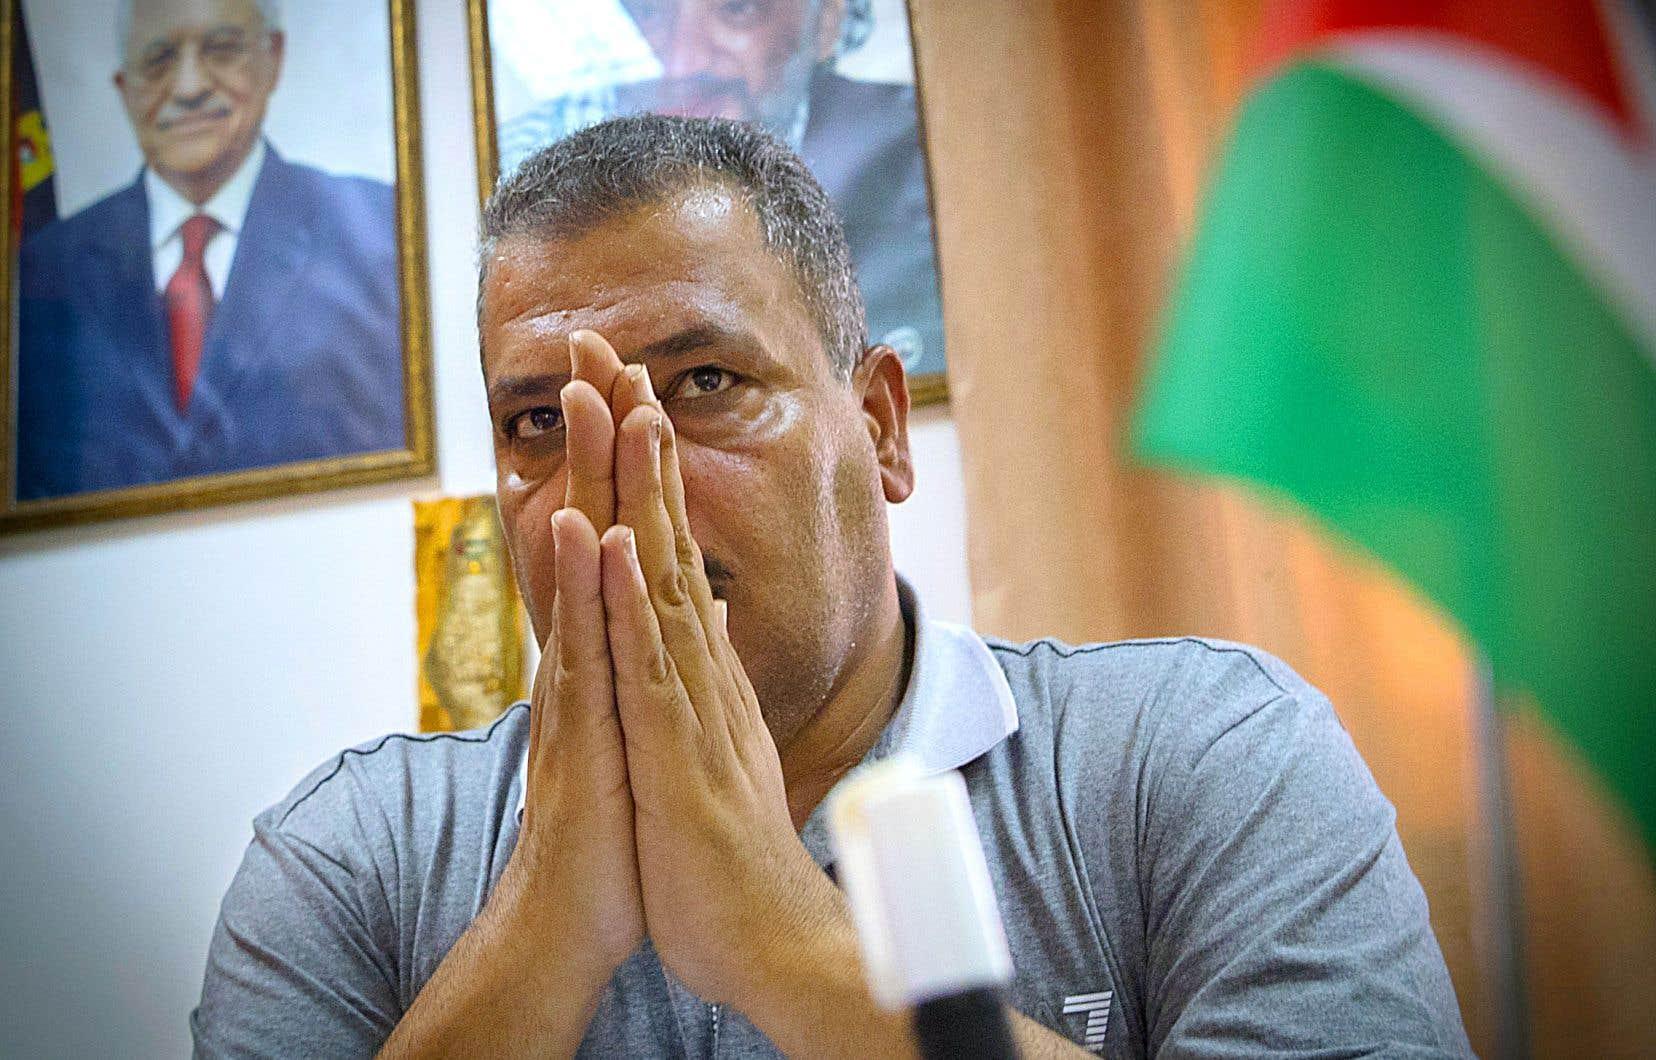 Le maire de la petite ville palestinienne d'Al-Auja, Salah Freijat, rencontré par «Le Devoir» l'été dernier, craignait déjà les conditions qu'imposerait Washington aux Palestiniens.